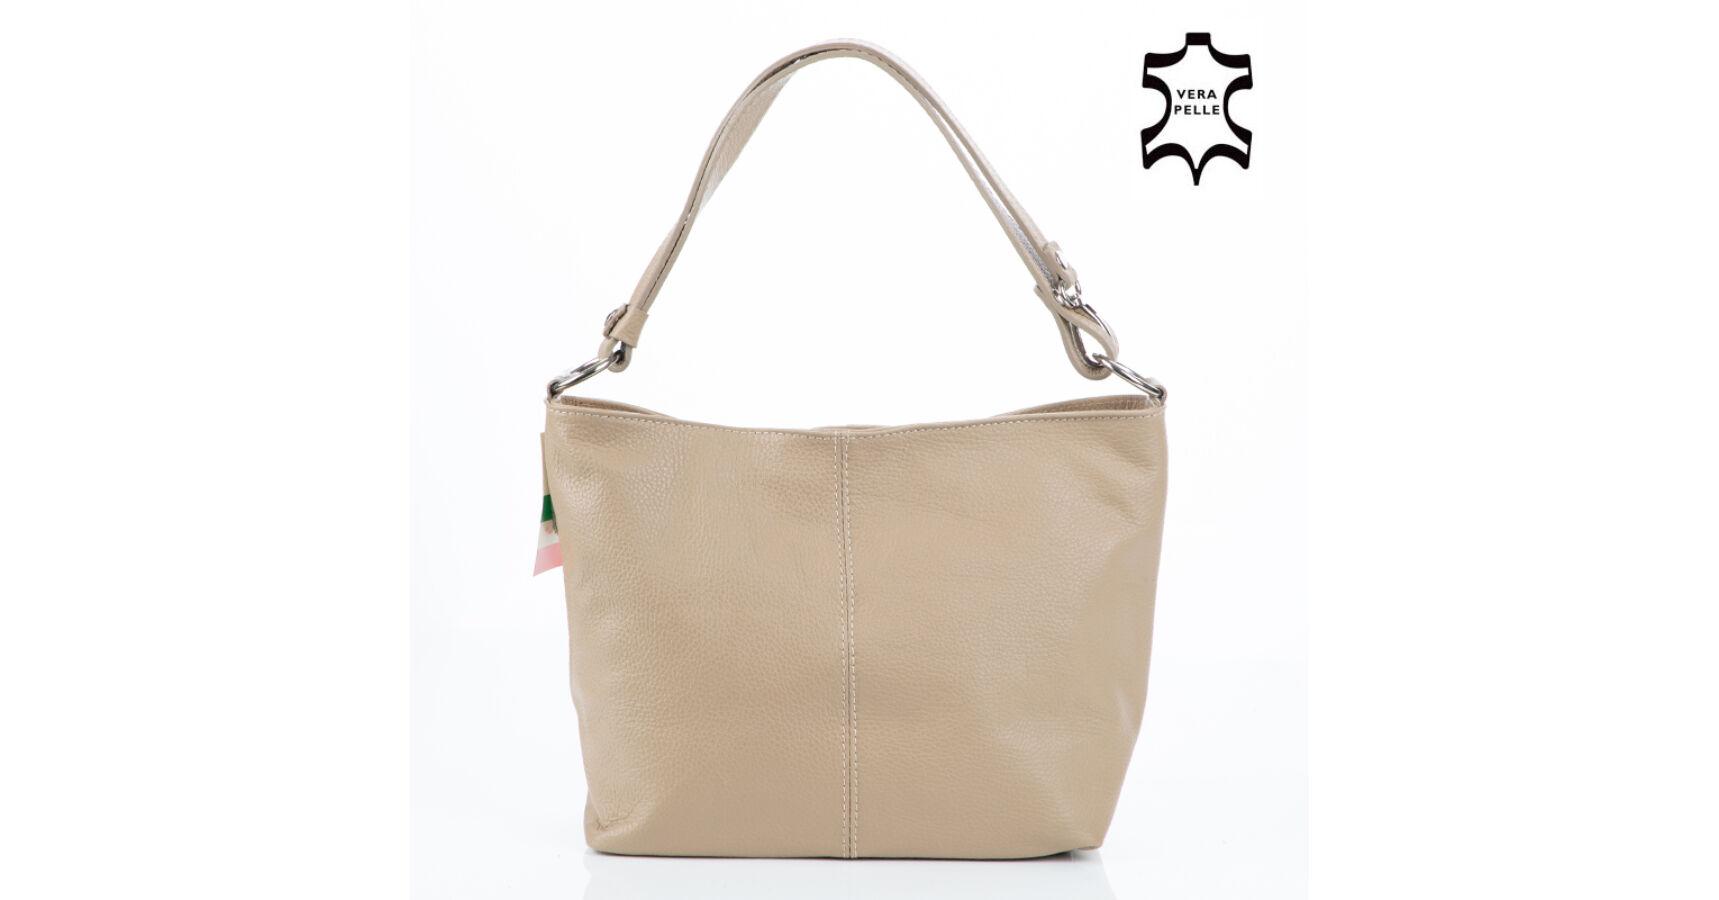 9a02ce8e59b5 Valódi bőr női táska - Oldaltáska - Etáska - minőségi táska webáruház  hatalmas választékkal